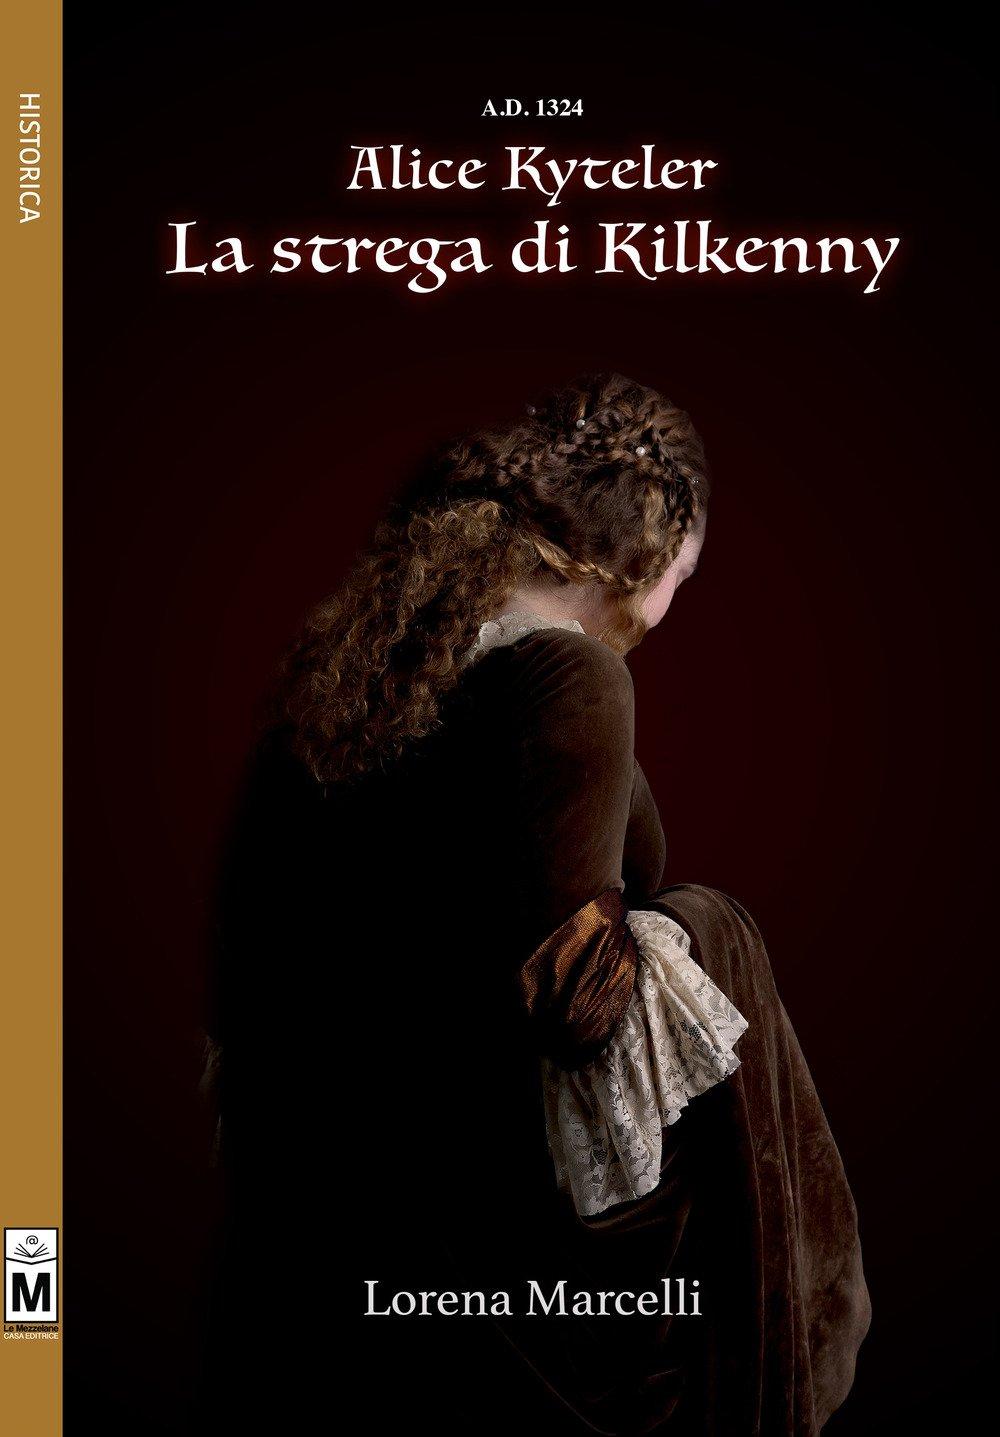 A.D. 1324. Alice Kyteler. La strega di Kilkenny